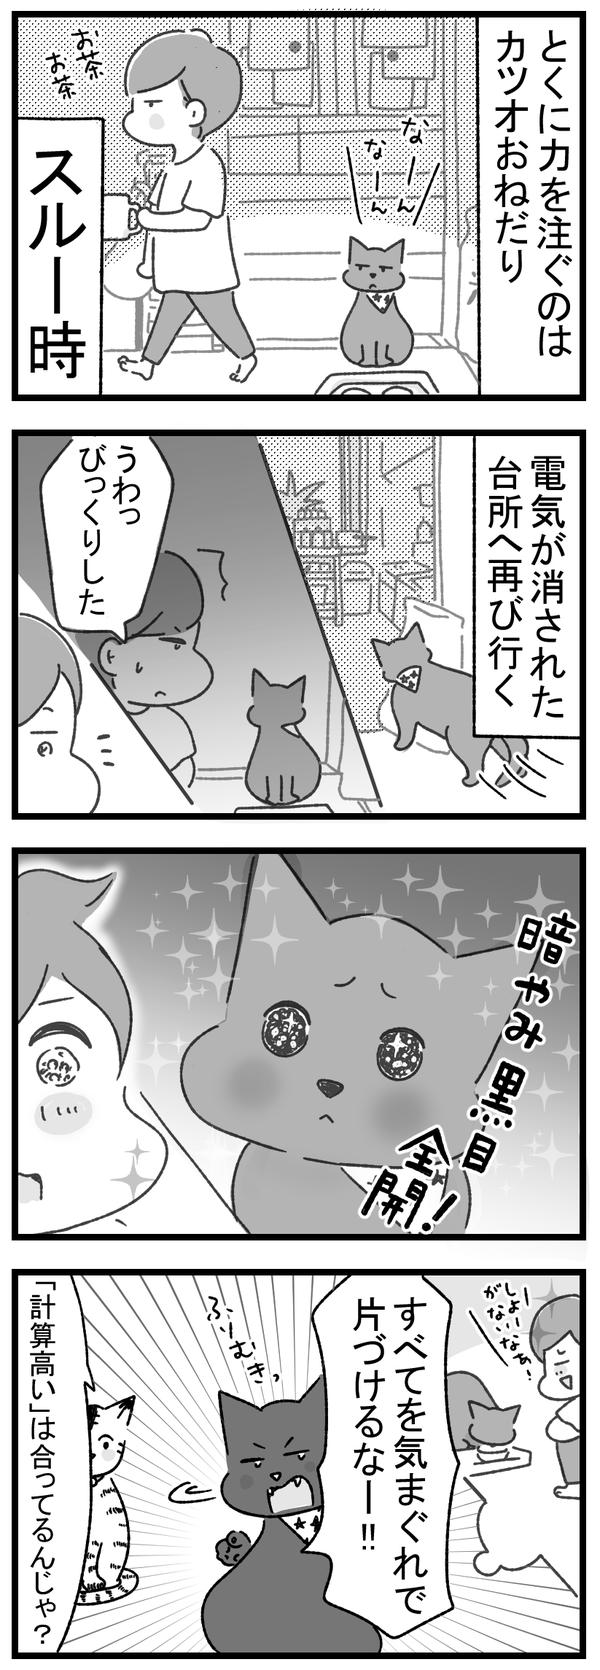 ネコのイメージに一言2